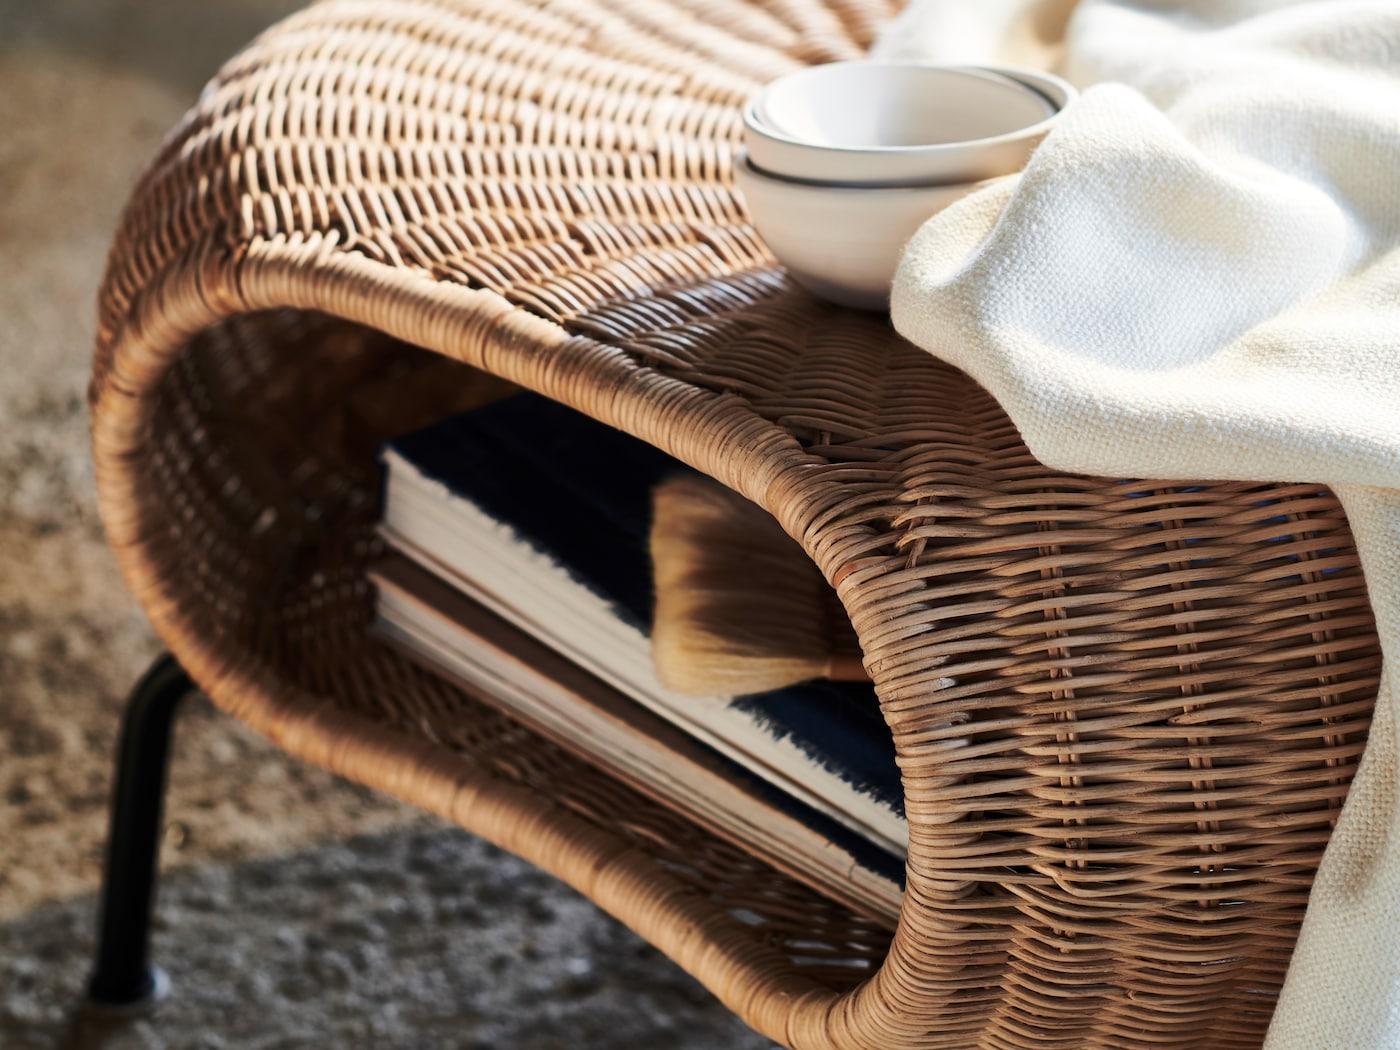 Een wit deken en drie witte kommen op een GAMLEHULT voetenbank waarin boeken worden bewaard.